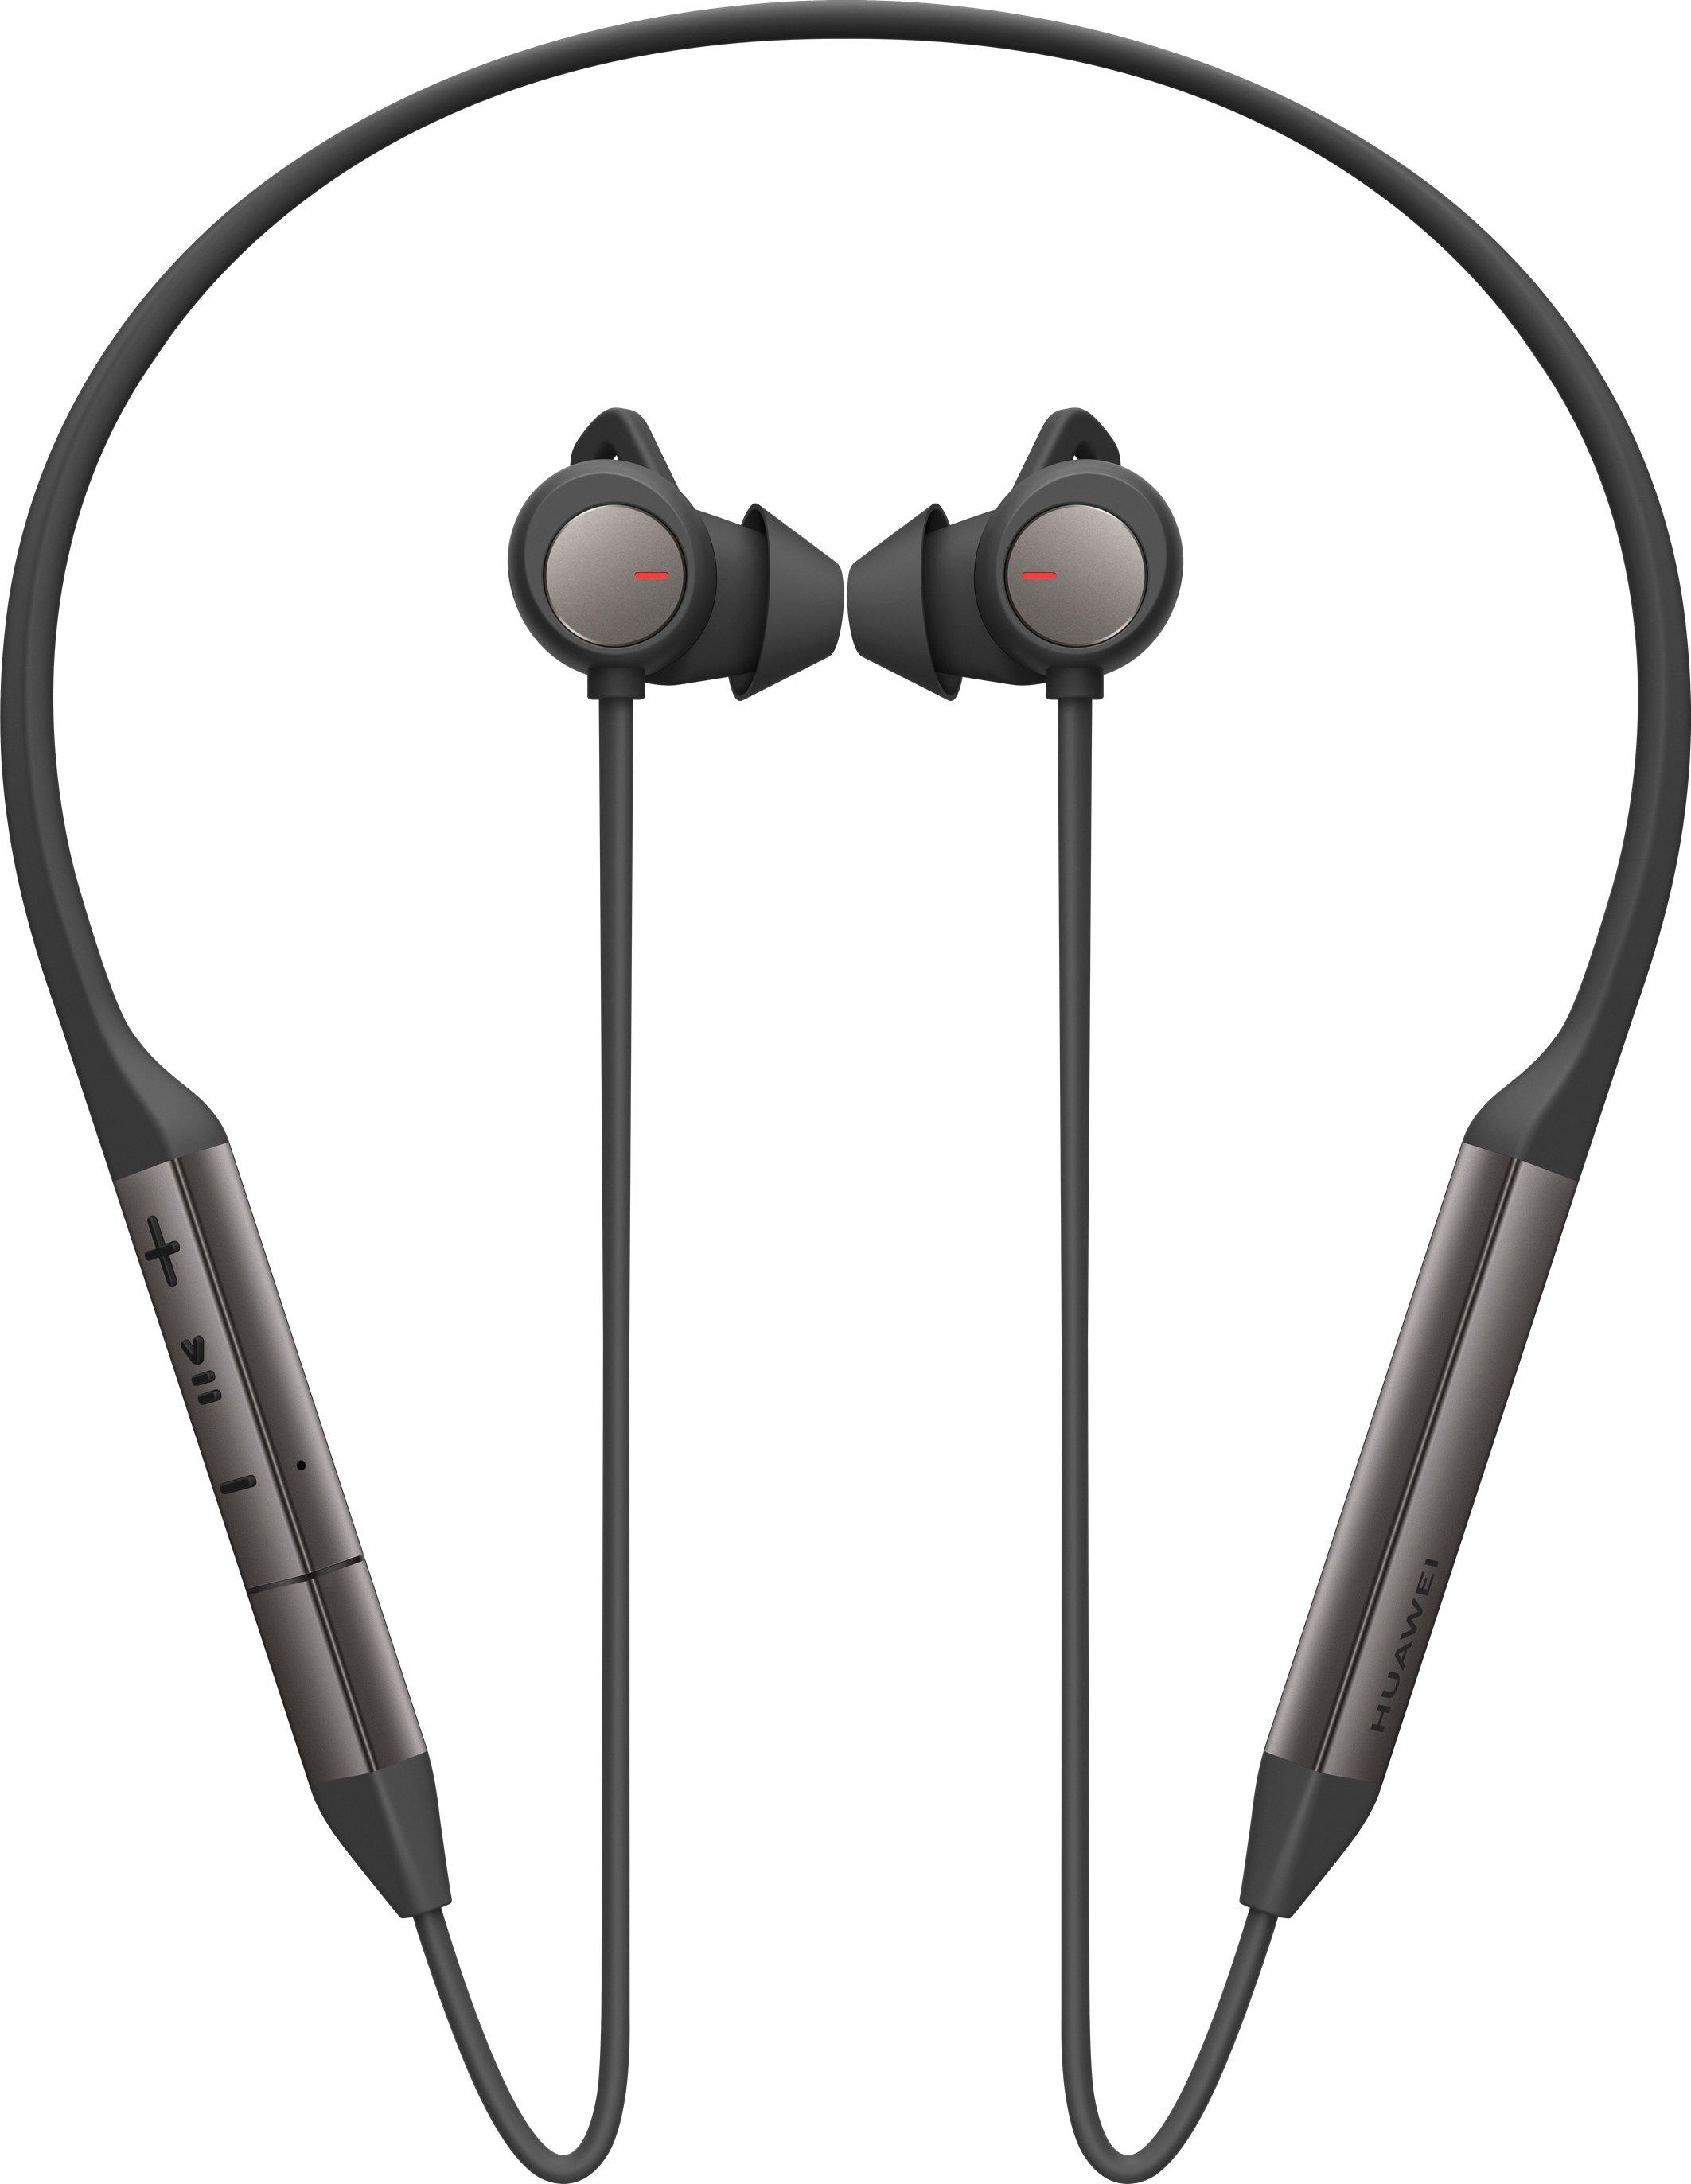 Huawei in-ear-hoofdtelefoon FreeLace Pro Active Noise Cancellation bij OTTO online kopen